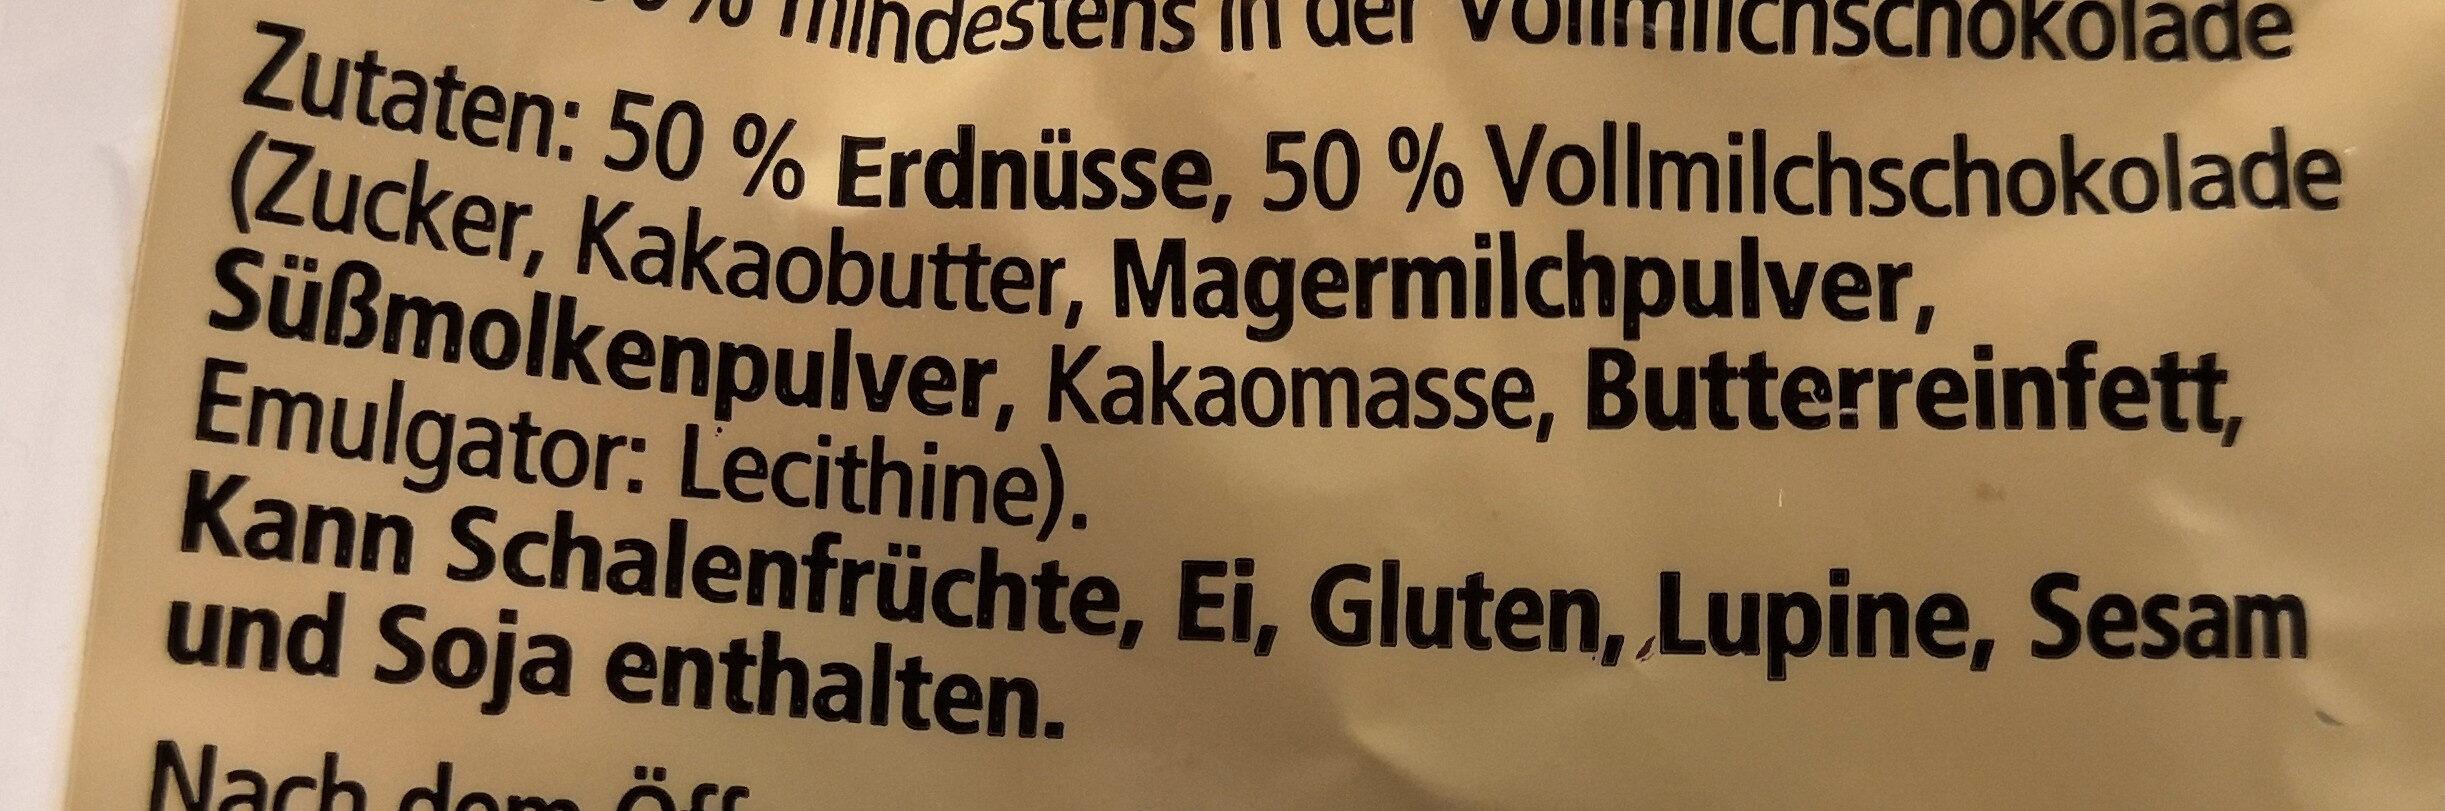 Erdnussberge mit Vollmilchschokolade - Zutaten - de